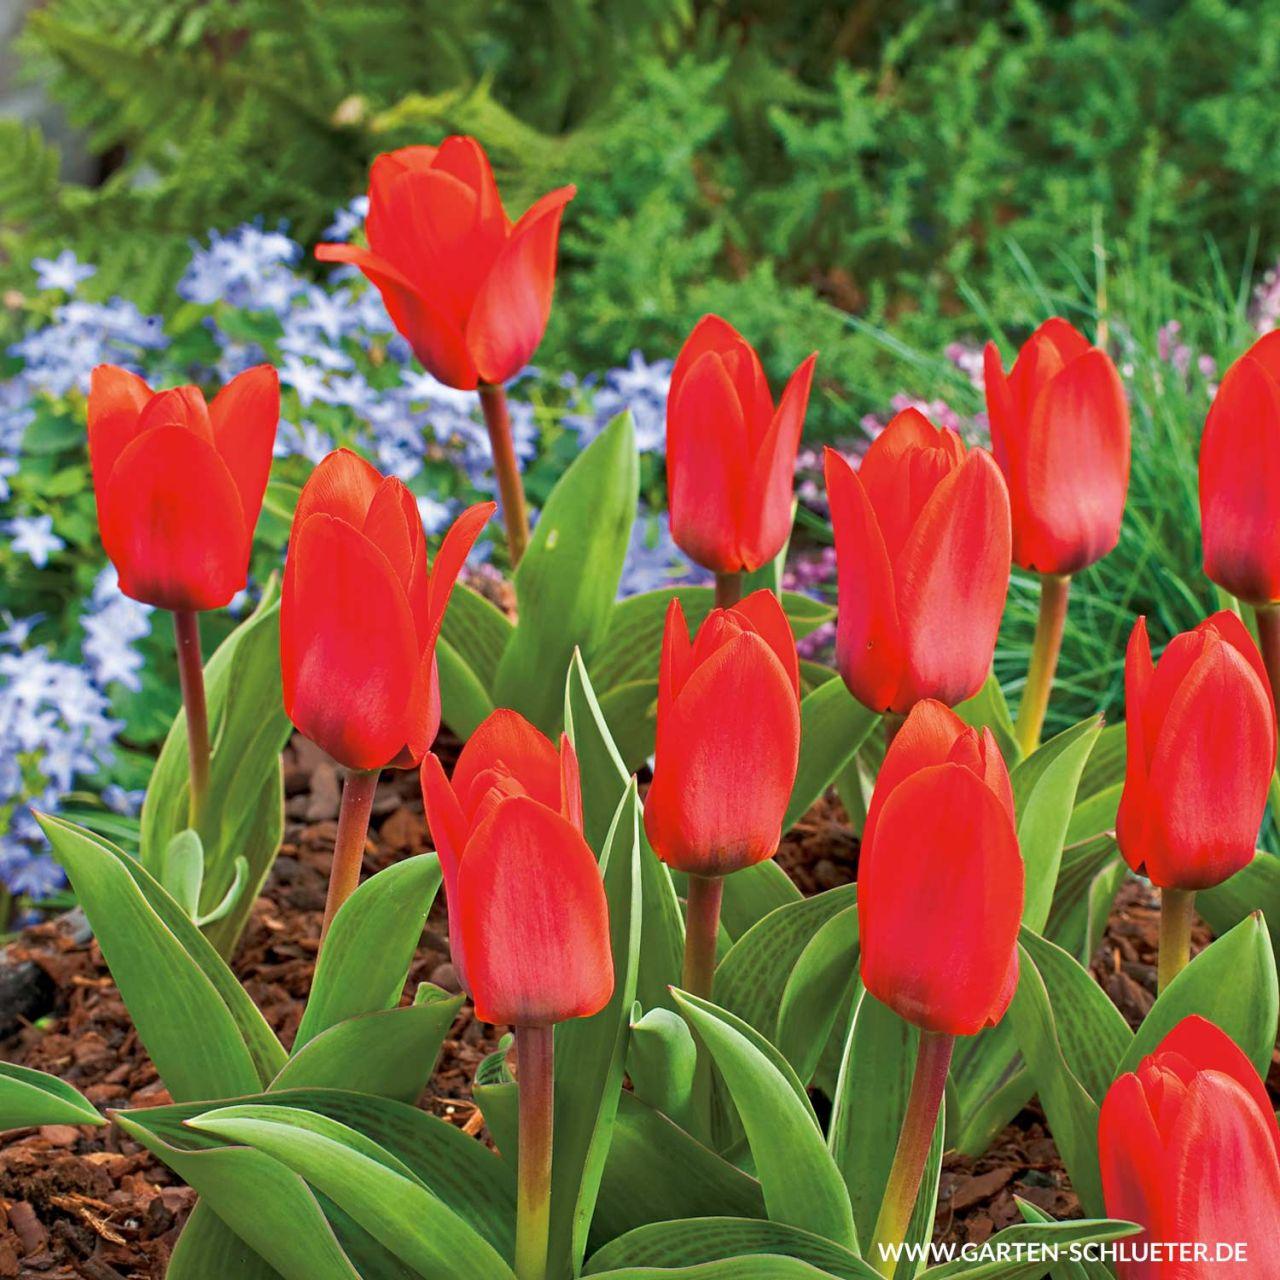 Garten-Schlueter.de: Botanische Tulpe Showwinner - 7 Stück